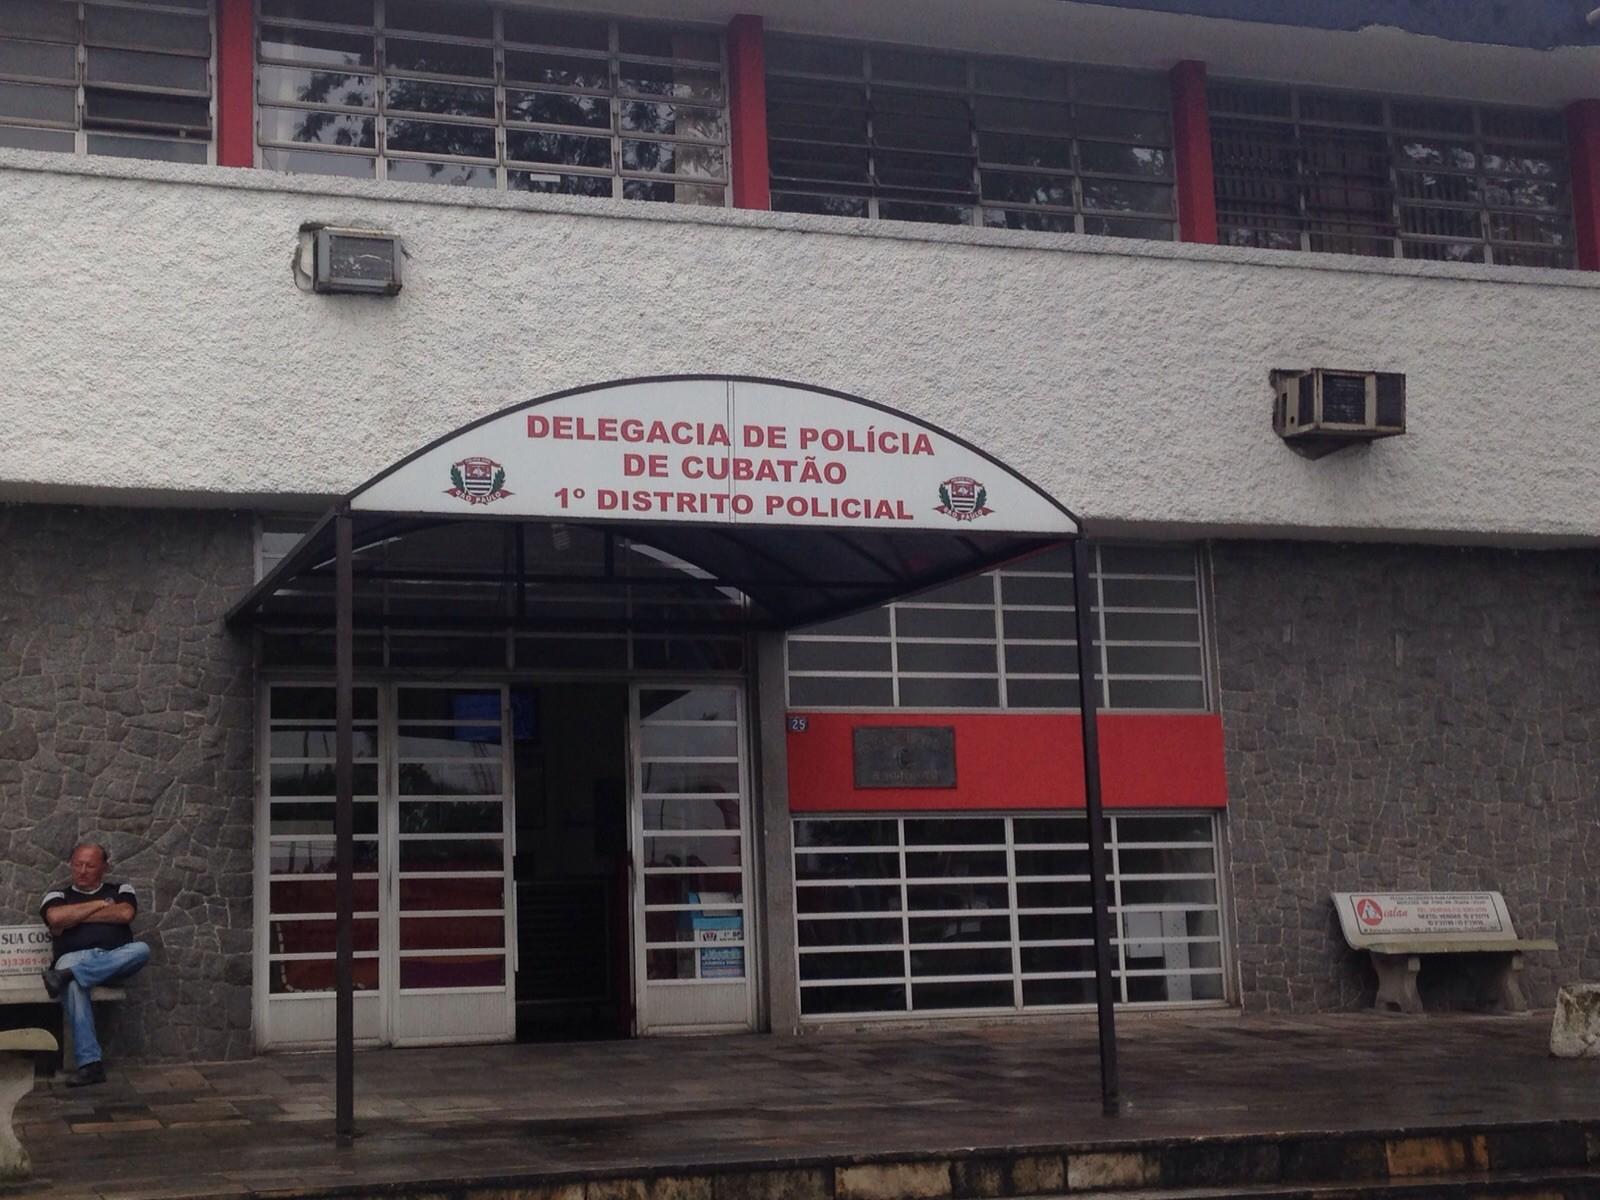 Operação tem perseguição e termina com suspeito morto em Cubatão, SP - Notícias - Plantão Diário